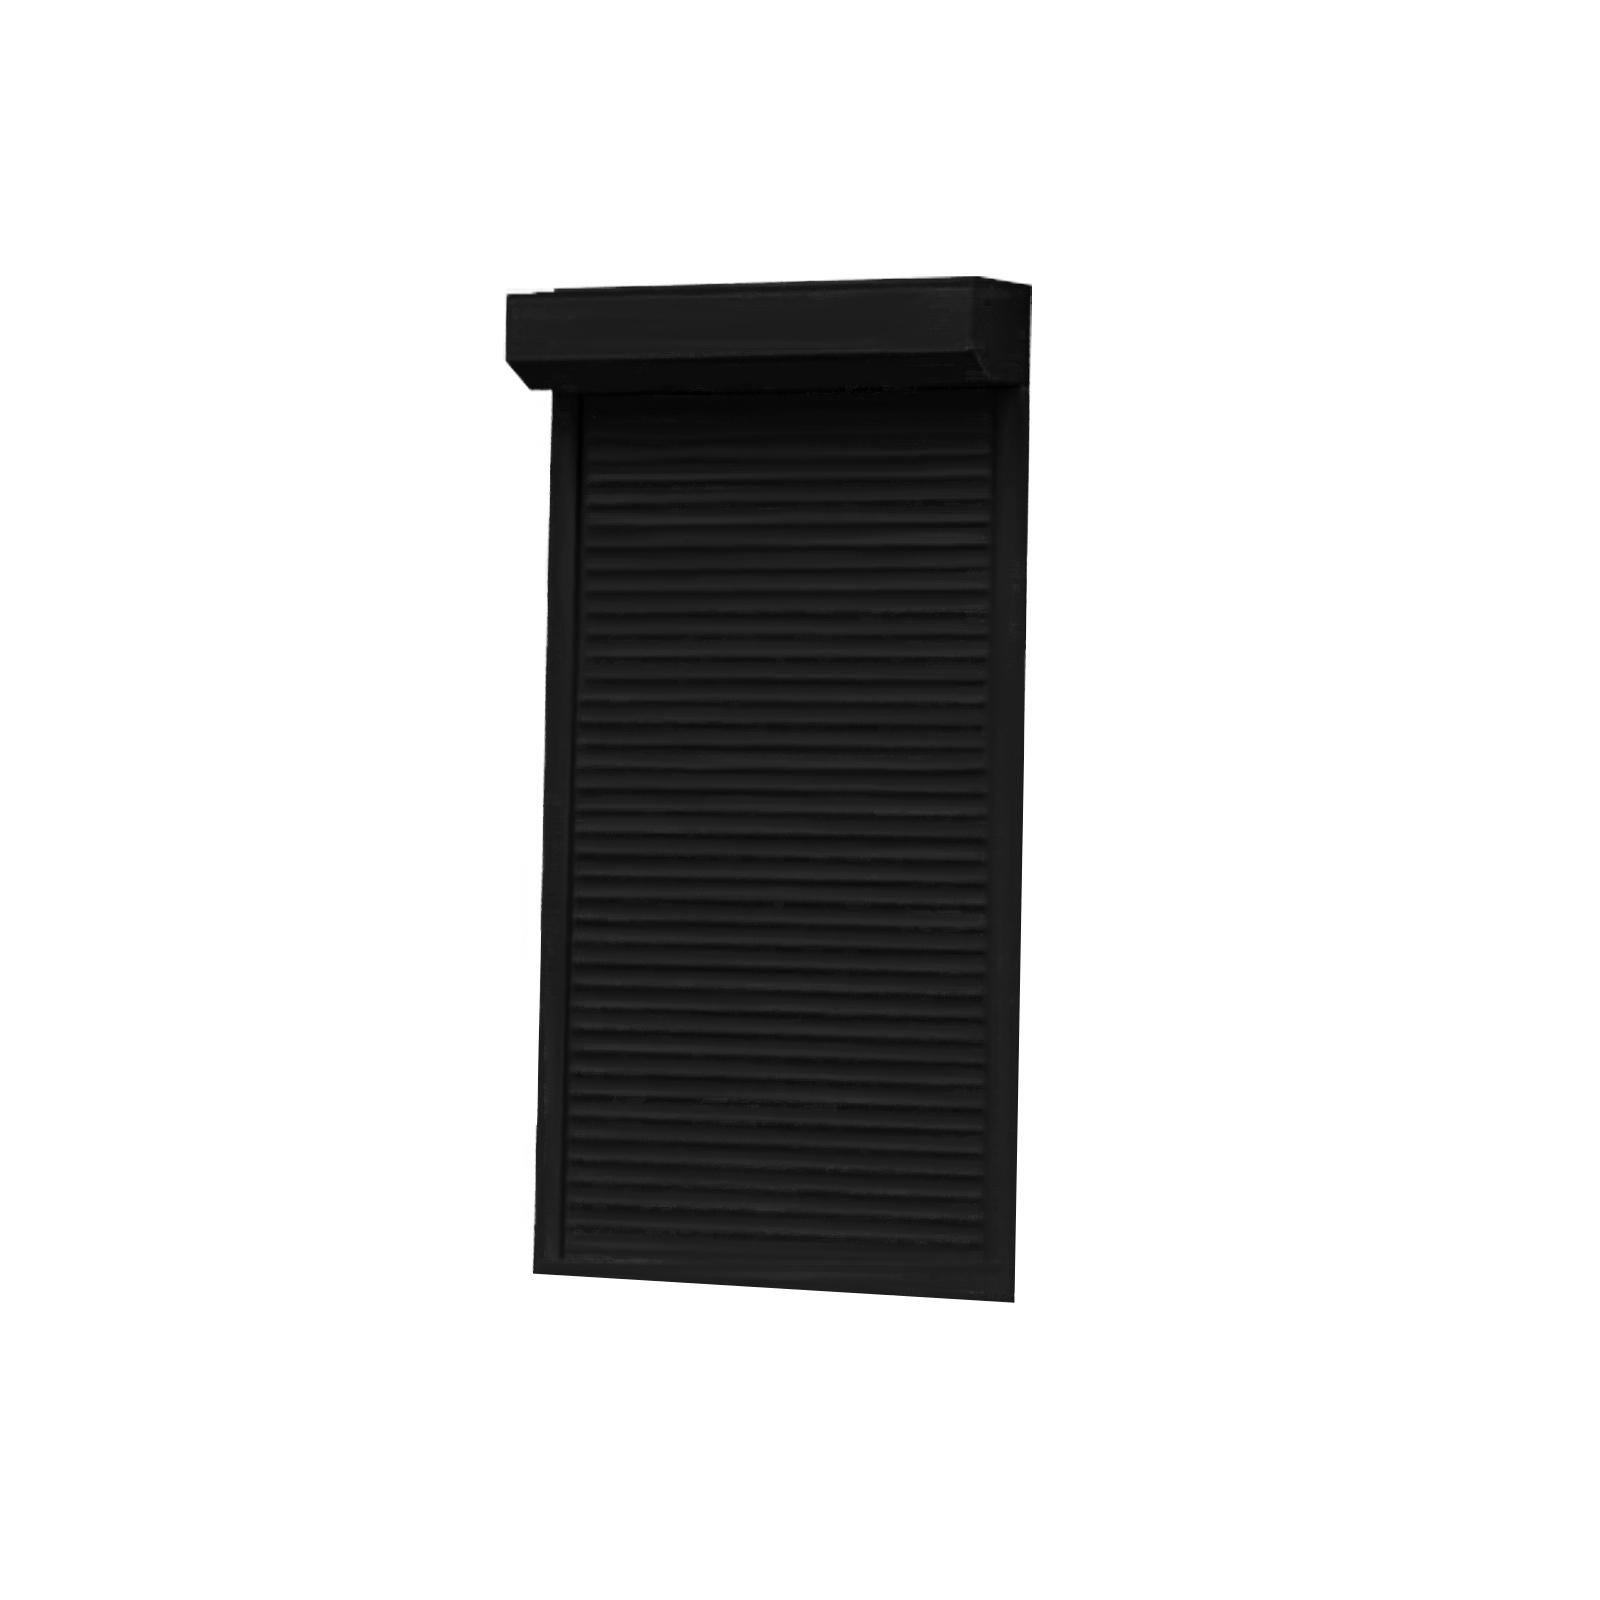 Everton 1601 - 1800 x 2601 - 2800mm In-Reveal Solar Roller Shutter